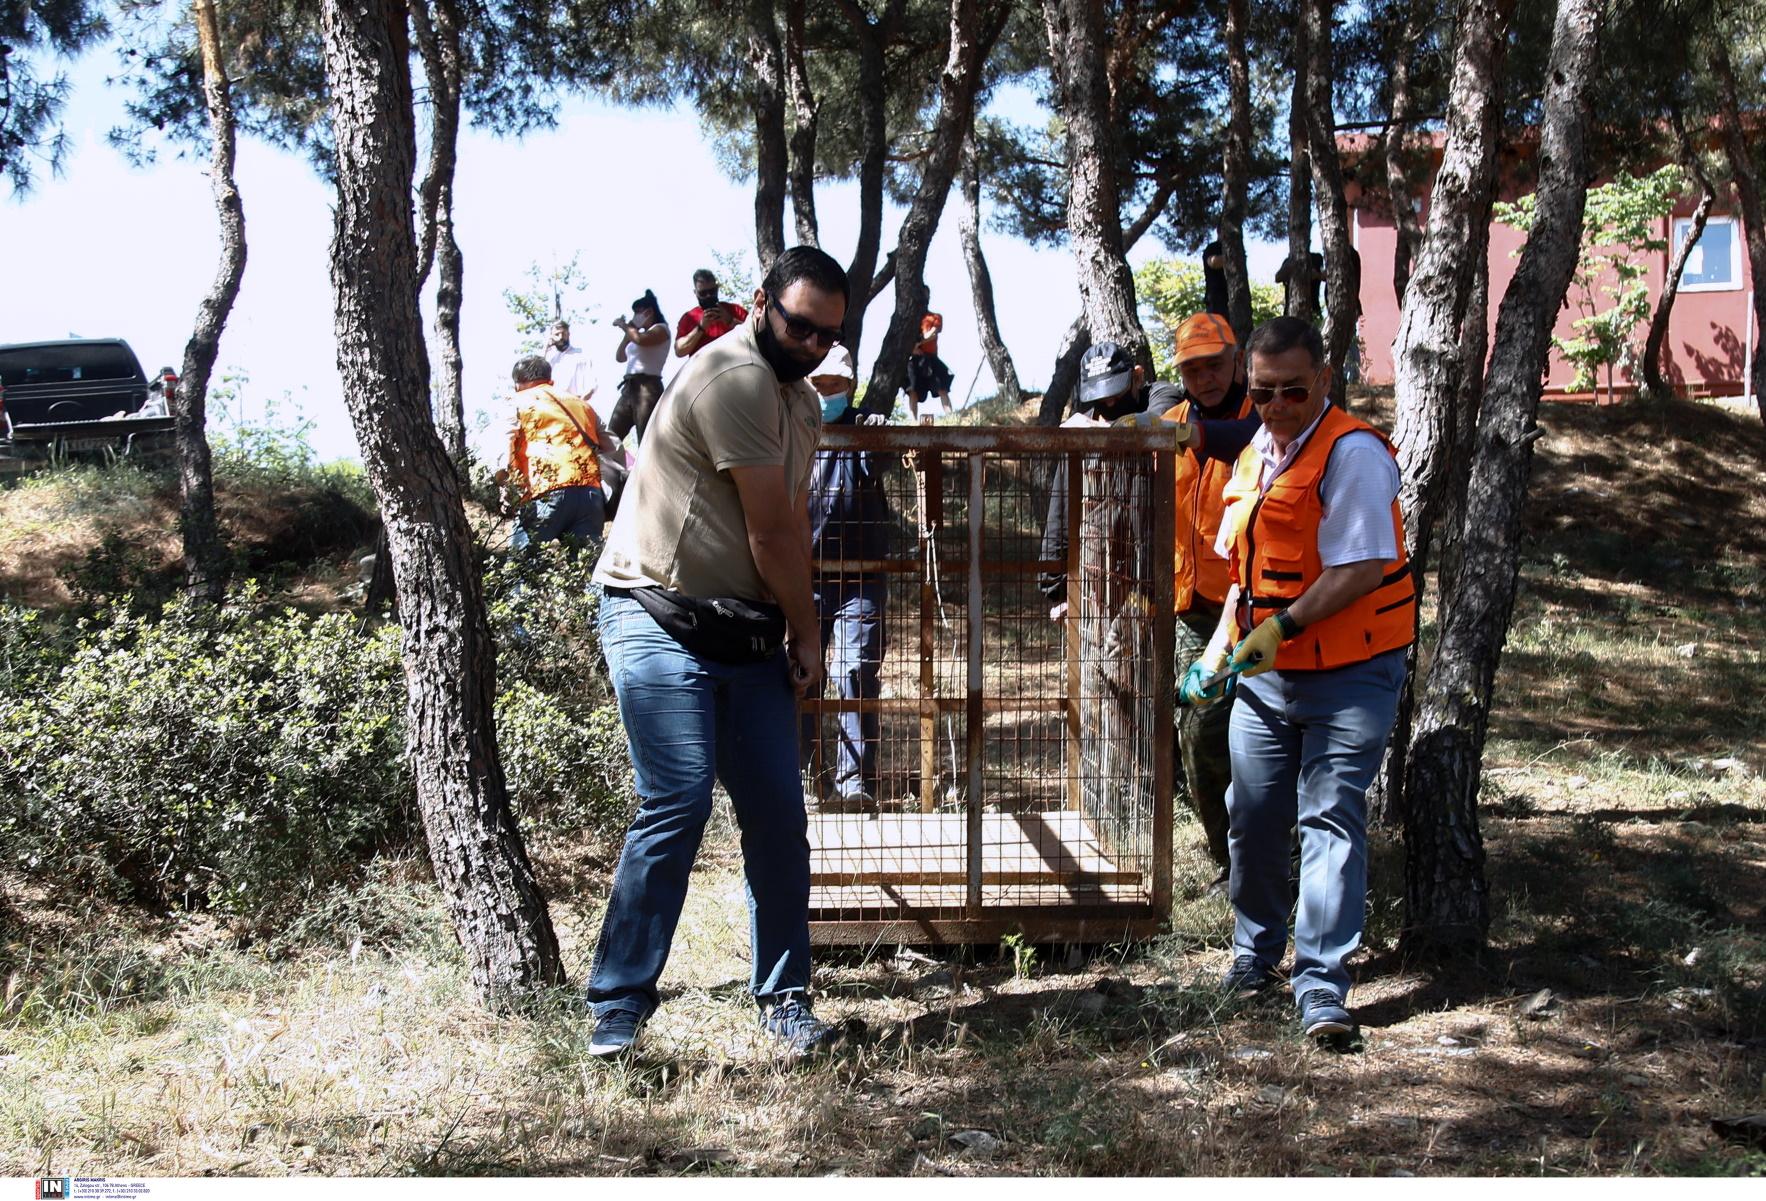 Κωδικός αγριογούρουνο στη Θεσσαλονίκη: Ιχνηλάτες, καλαμπόκι και ασύρματη κάμερα (pics)